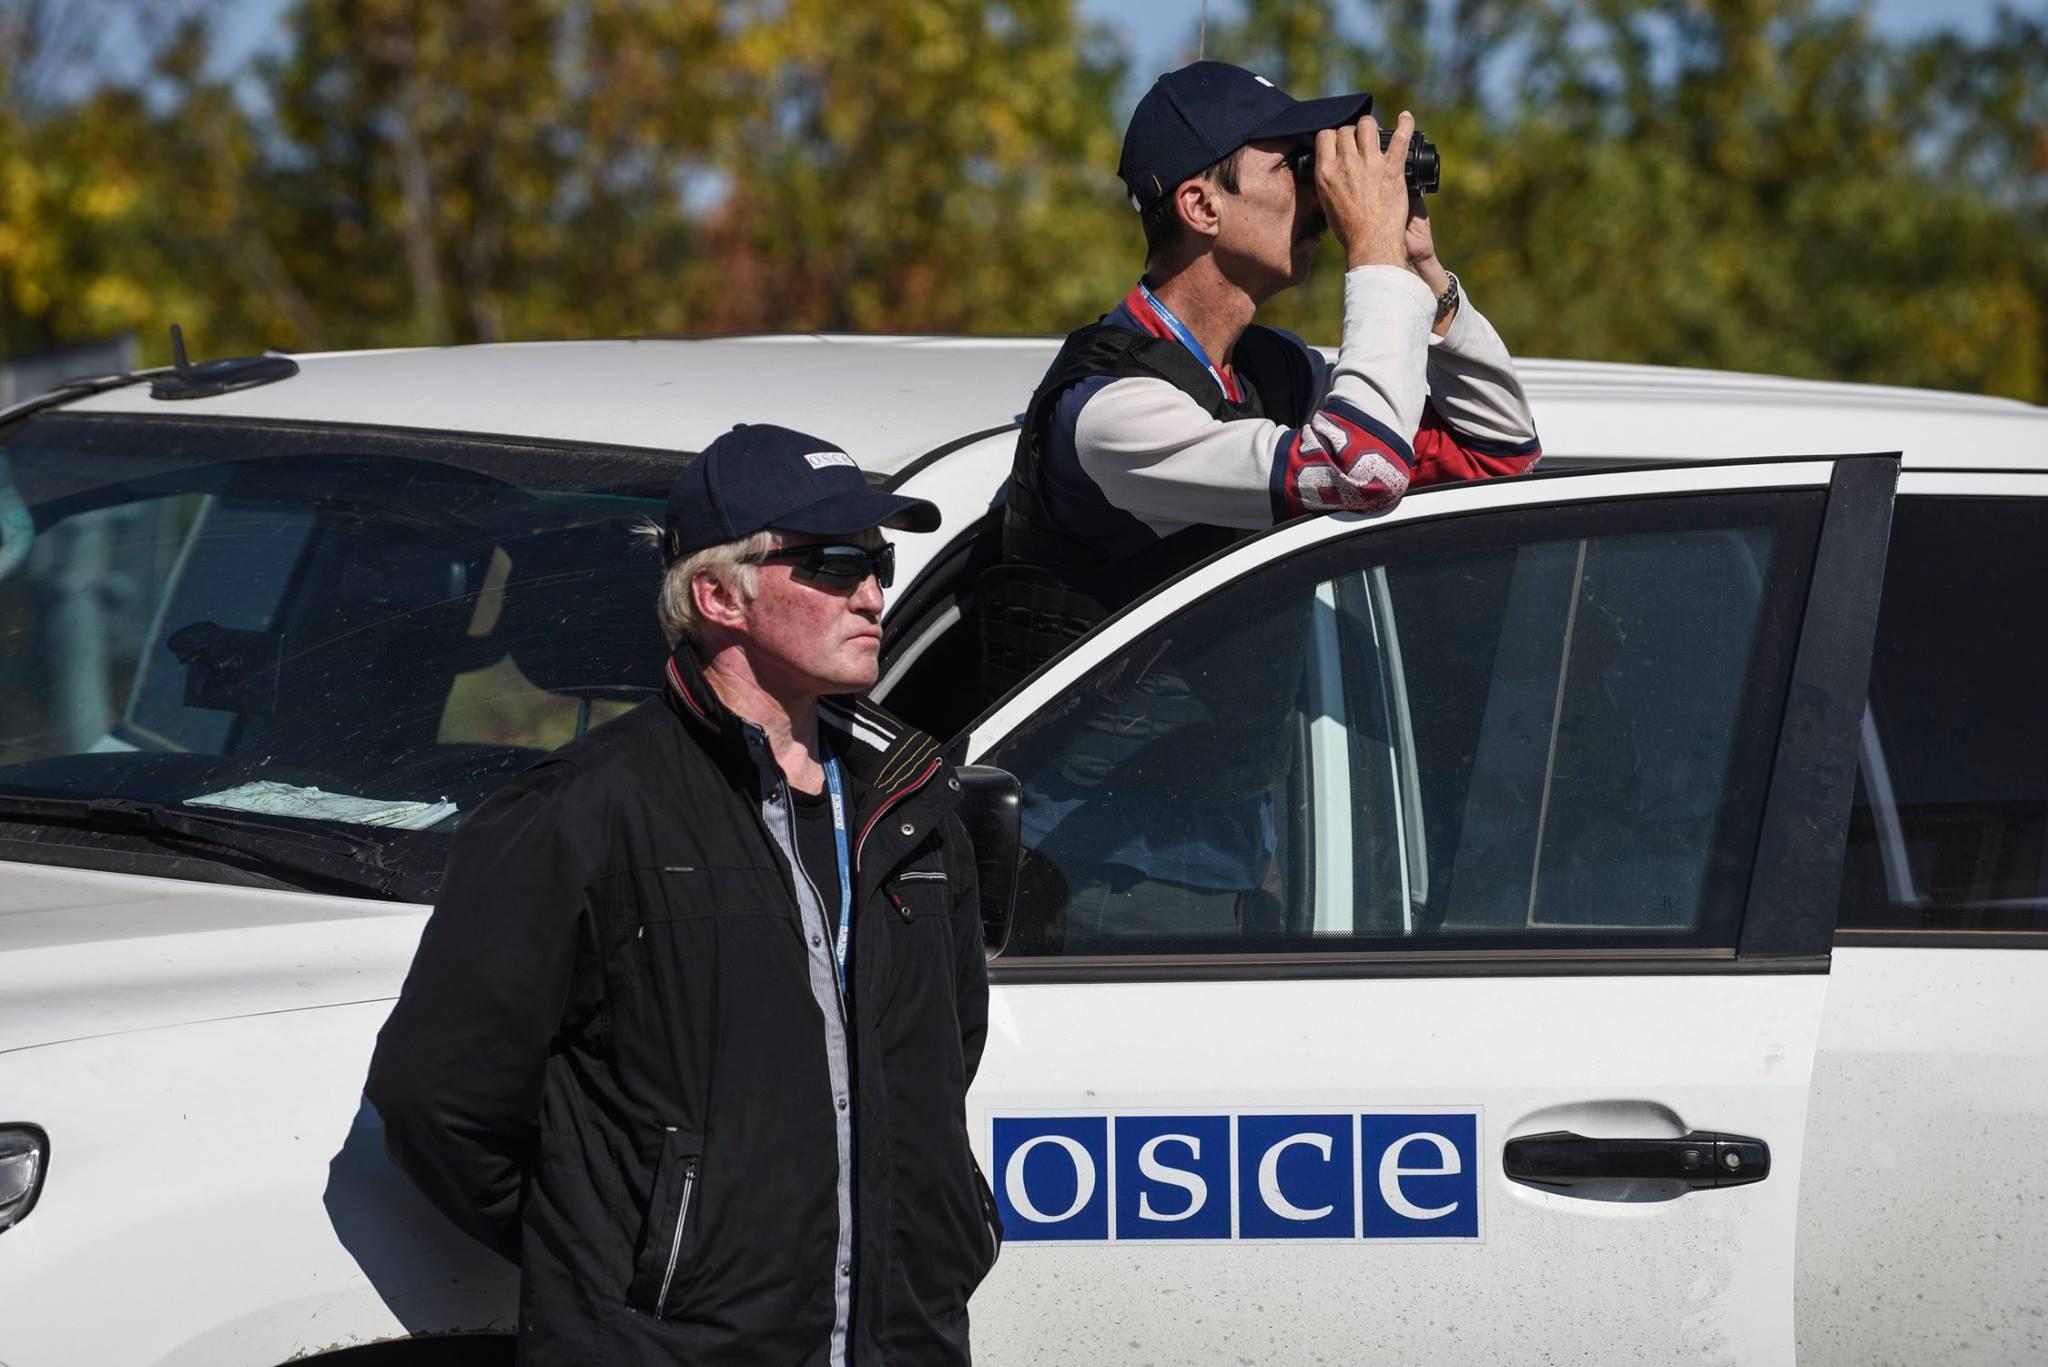 Боевики предоставили ОБСЕ сфальсифицированные доказательства обстрелов с украинской стороны